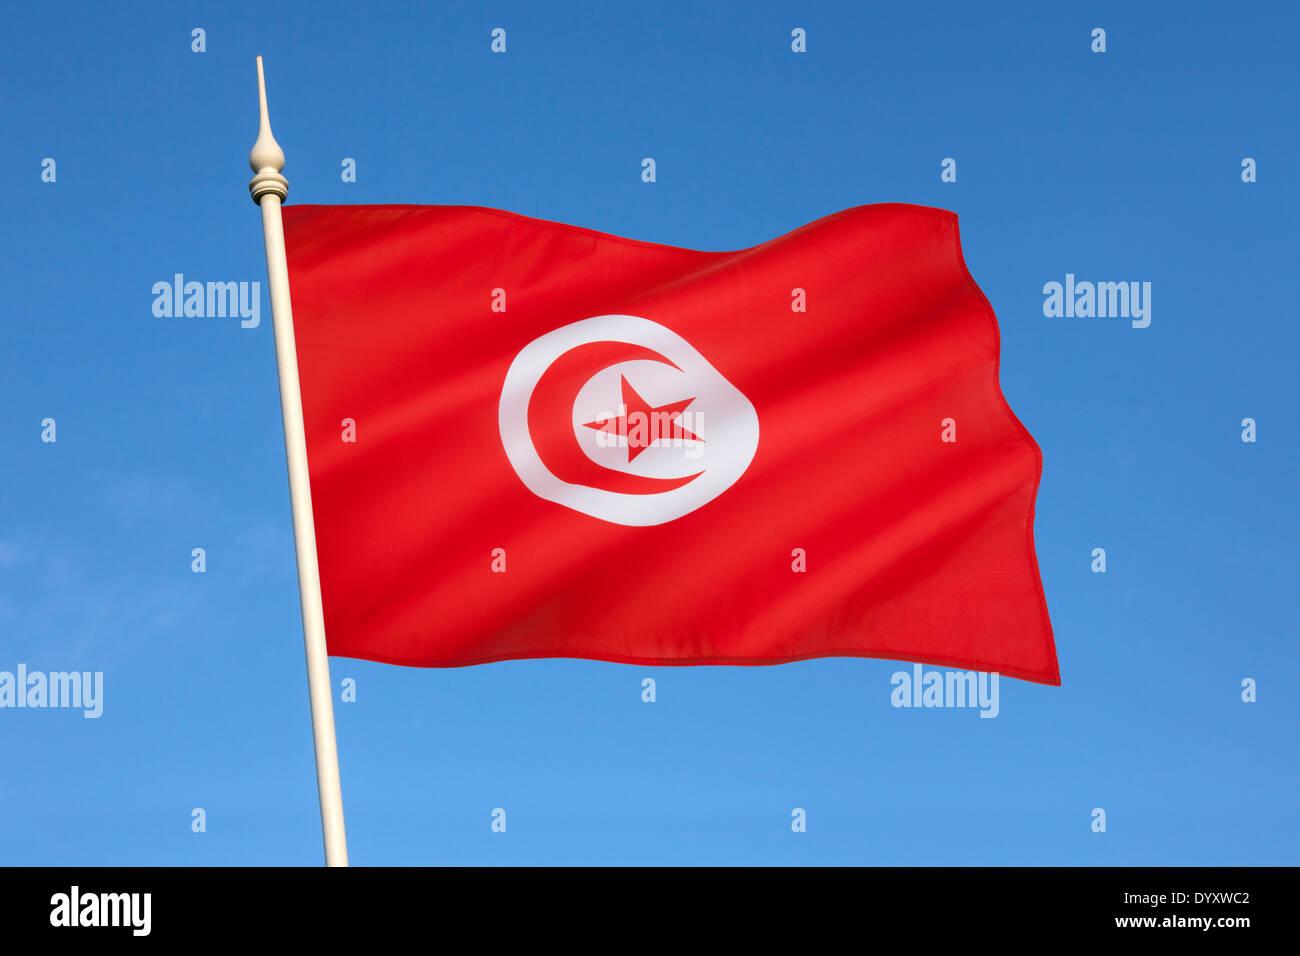 Bandera de Túnez Imagen De Stock